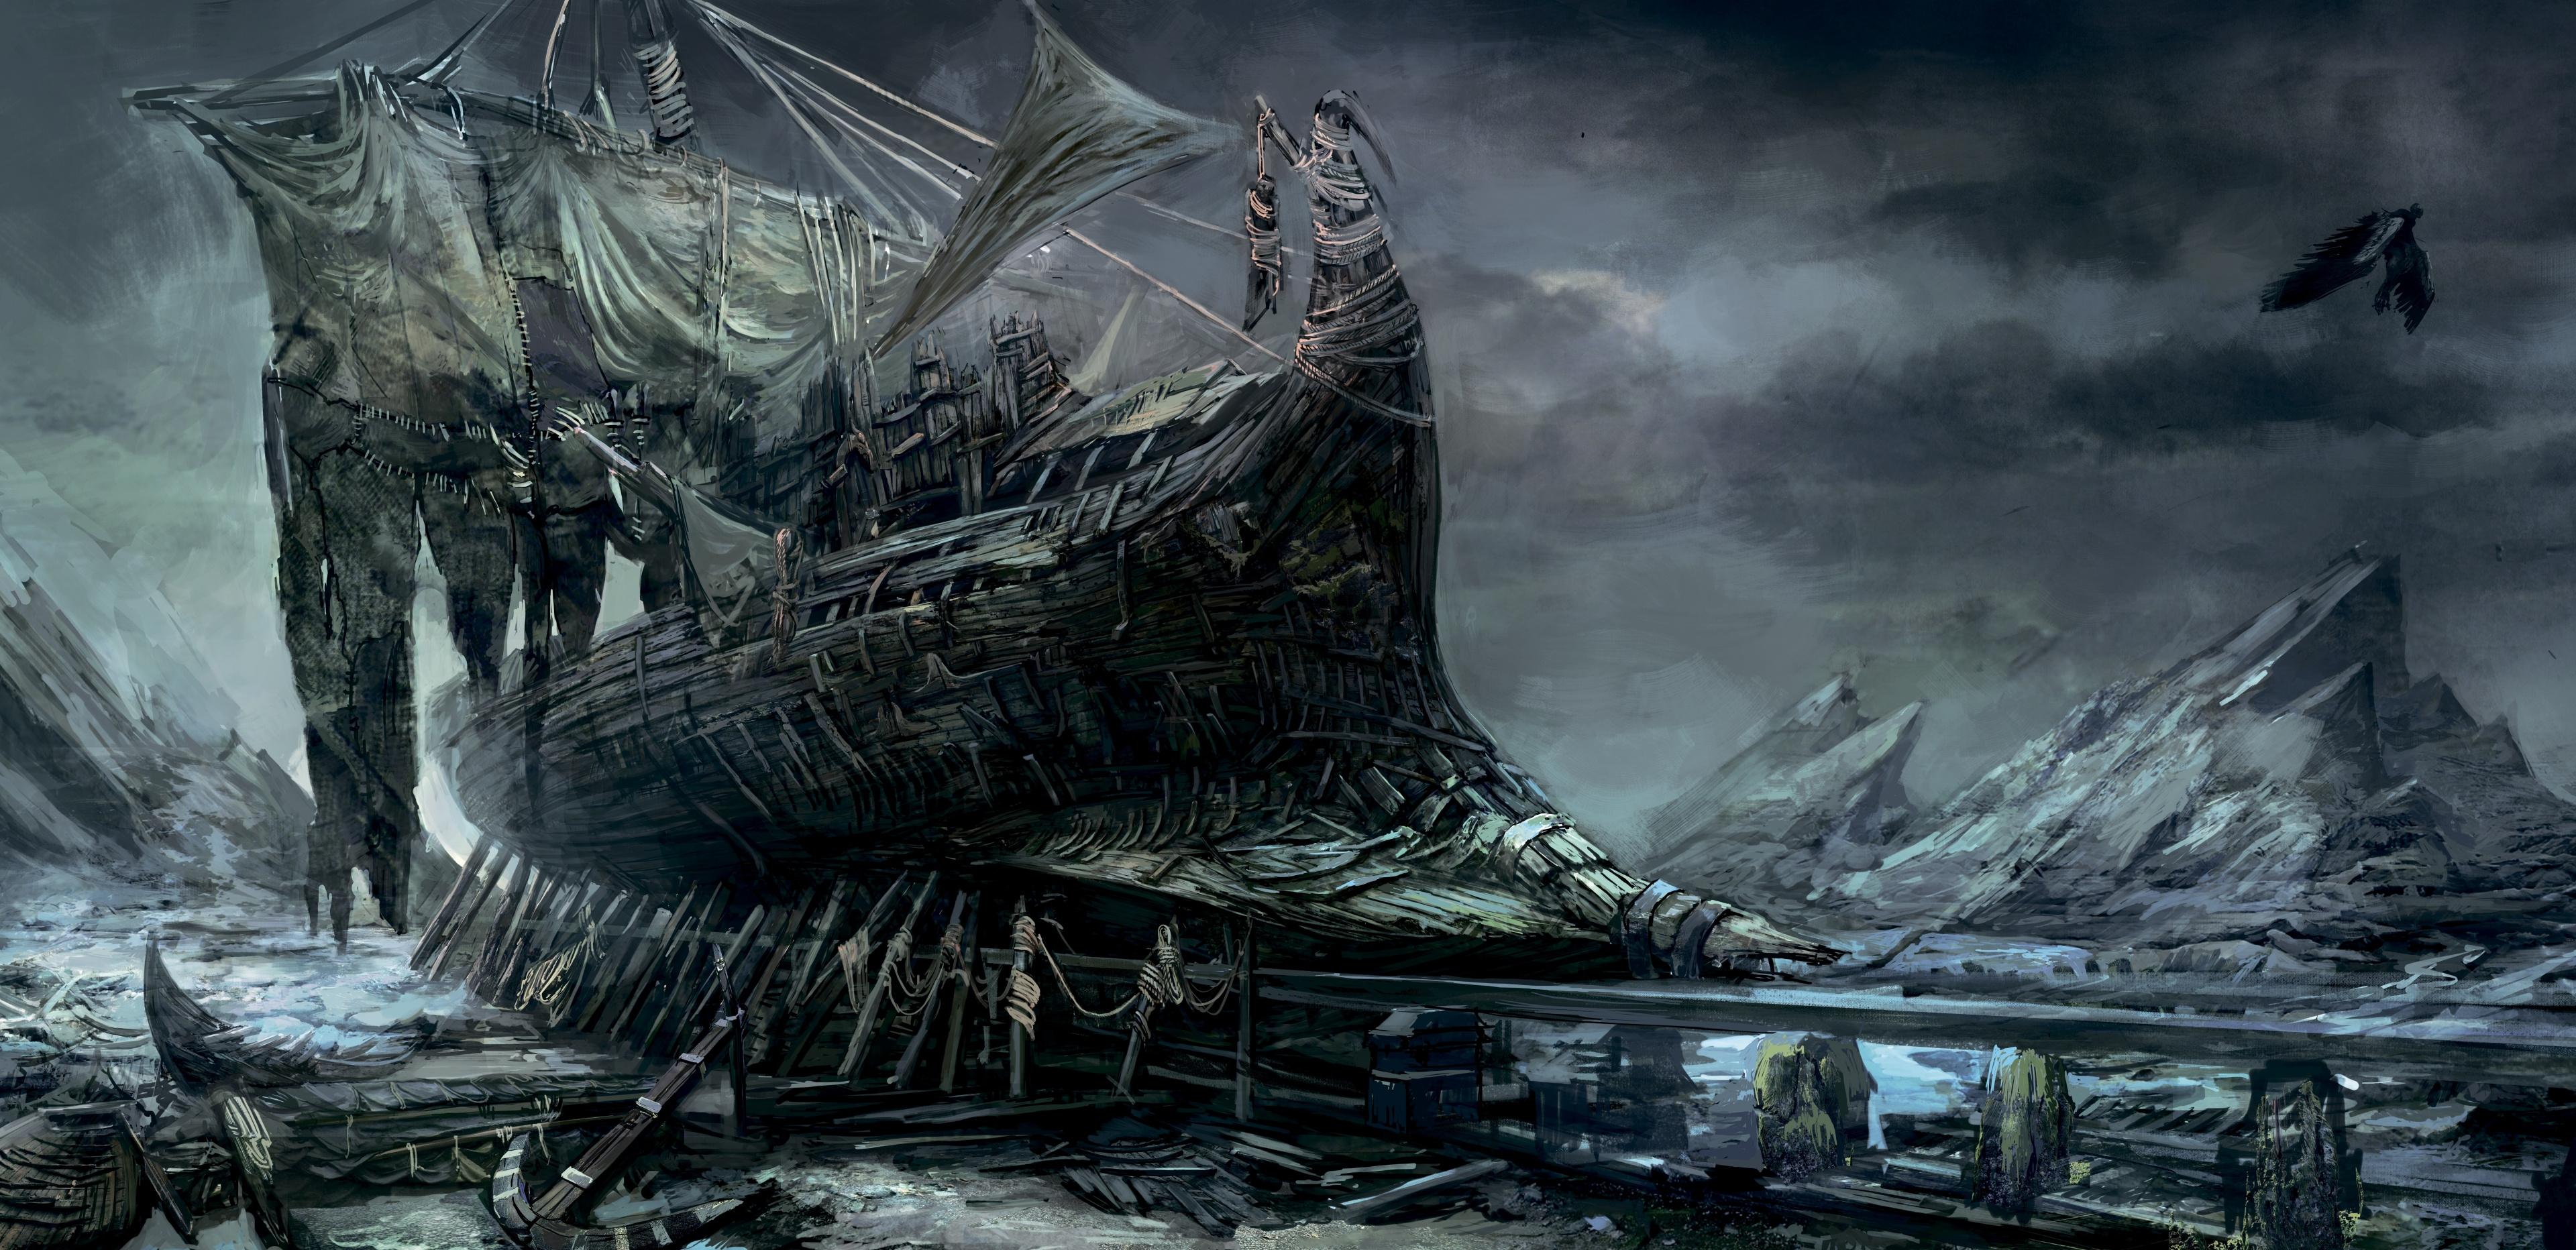 Witcher 3 Desktop Background